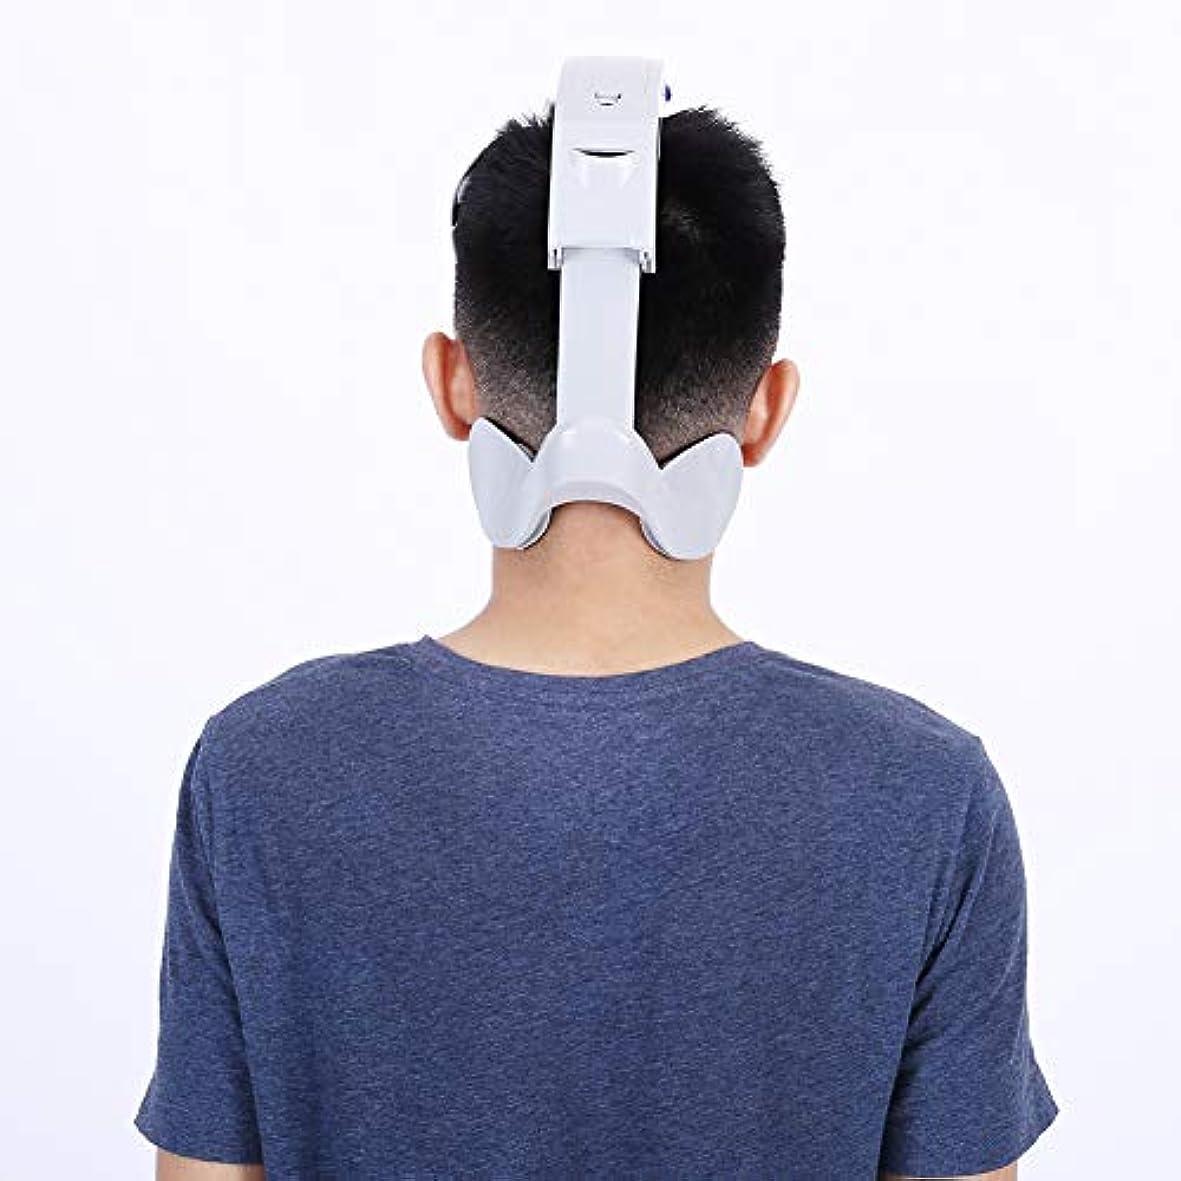 に負ける推進力ドキュメンタリー電気ヘッドマッサージャー脳リラックスストレス